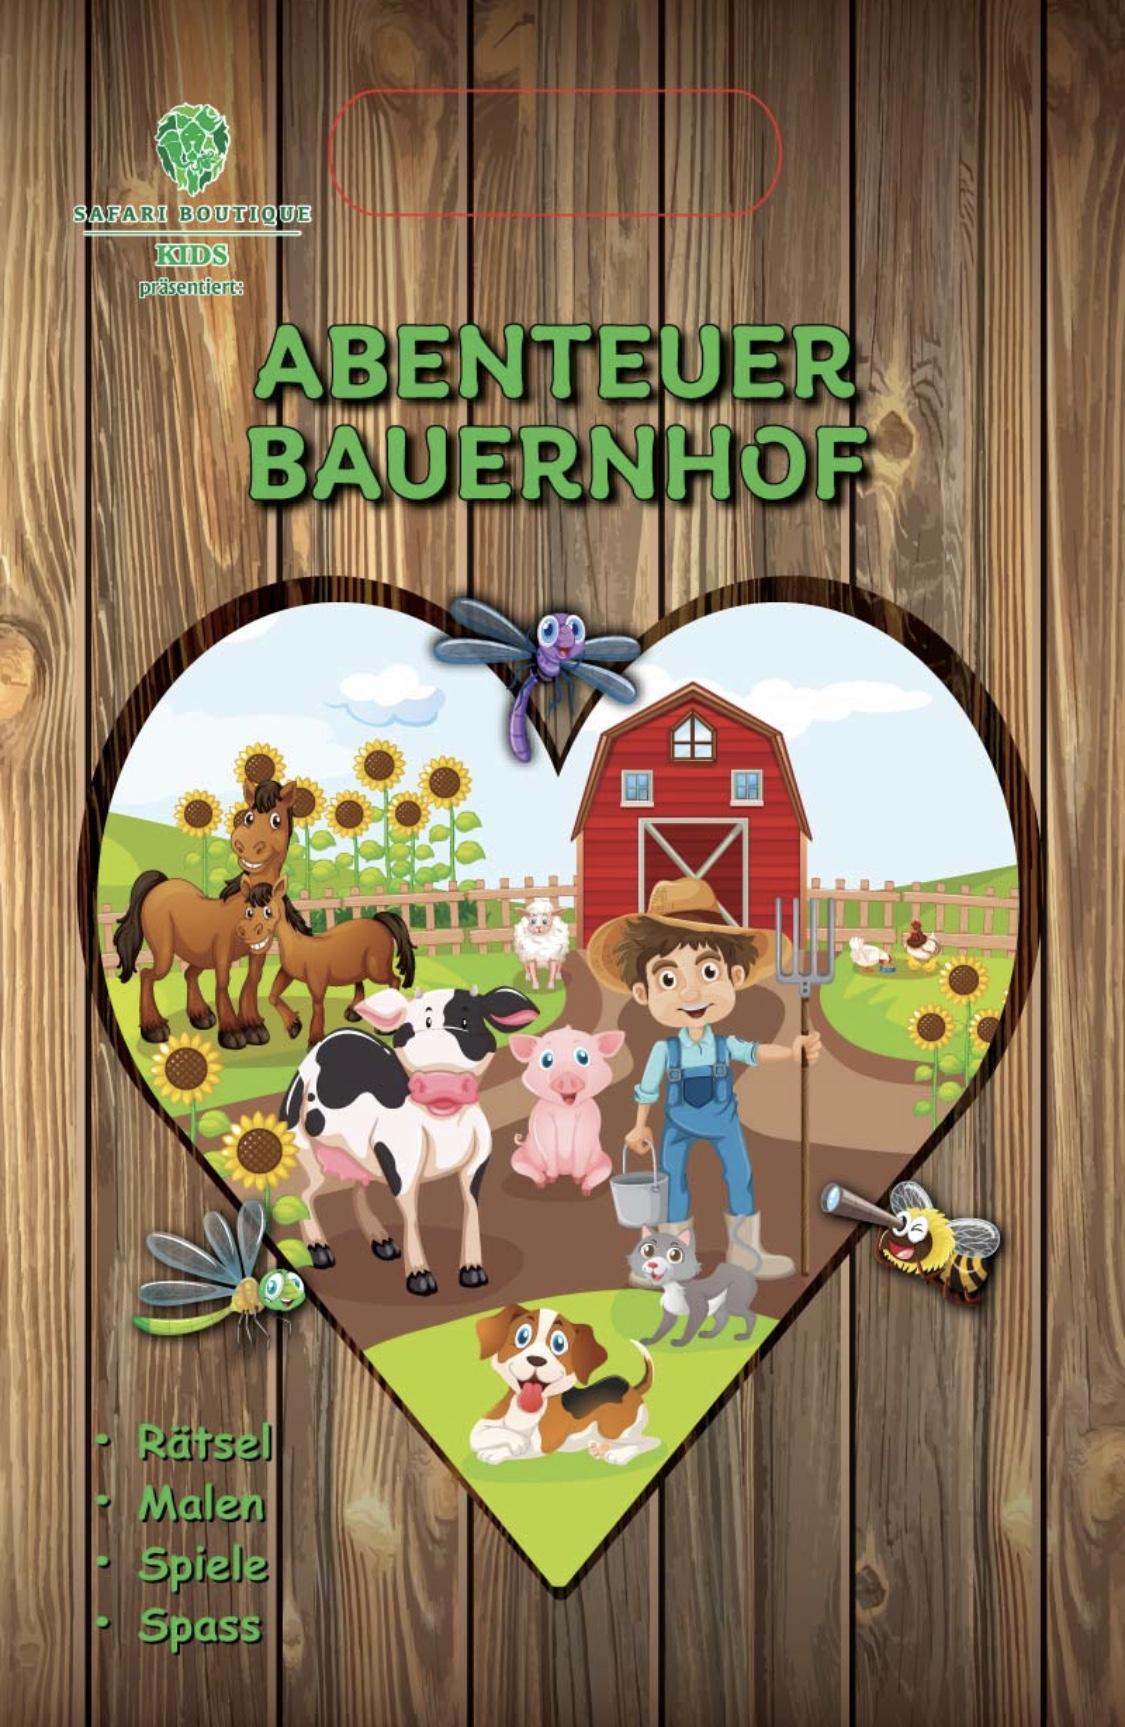 ABENTEUER BAUERNHOF